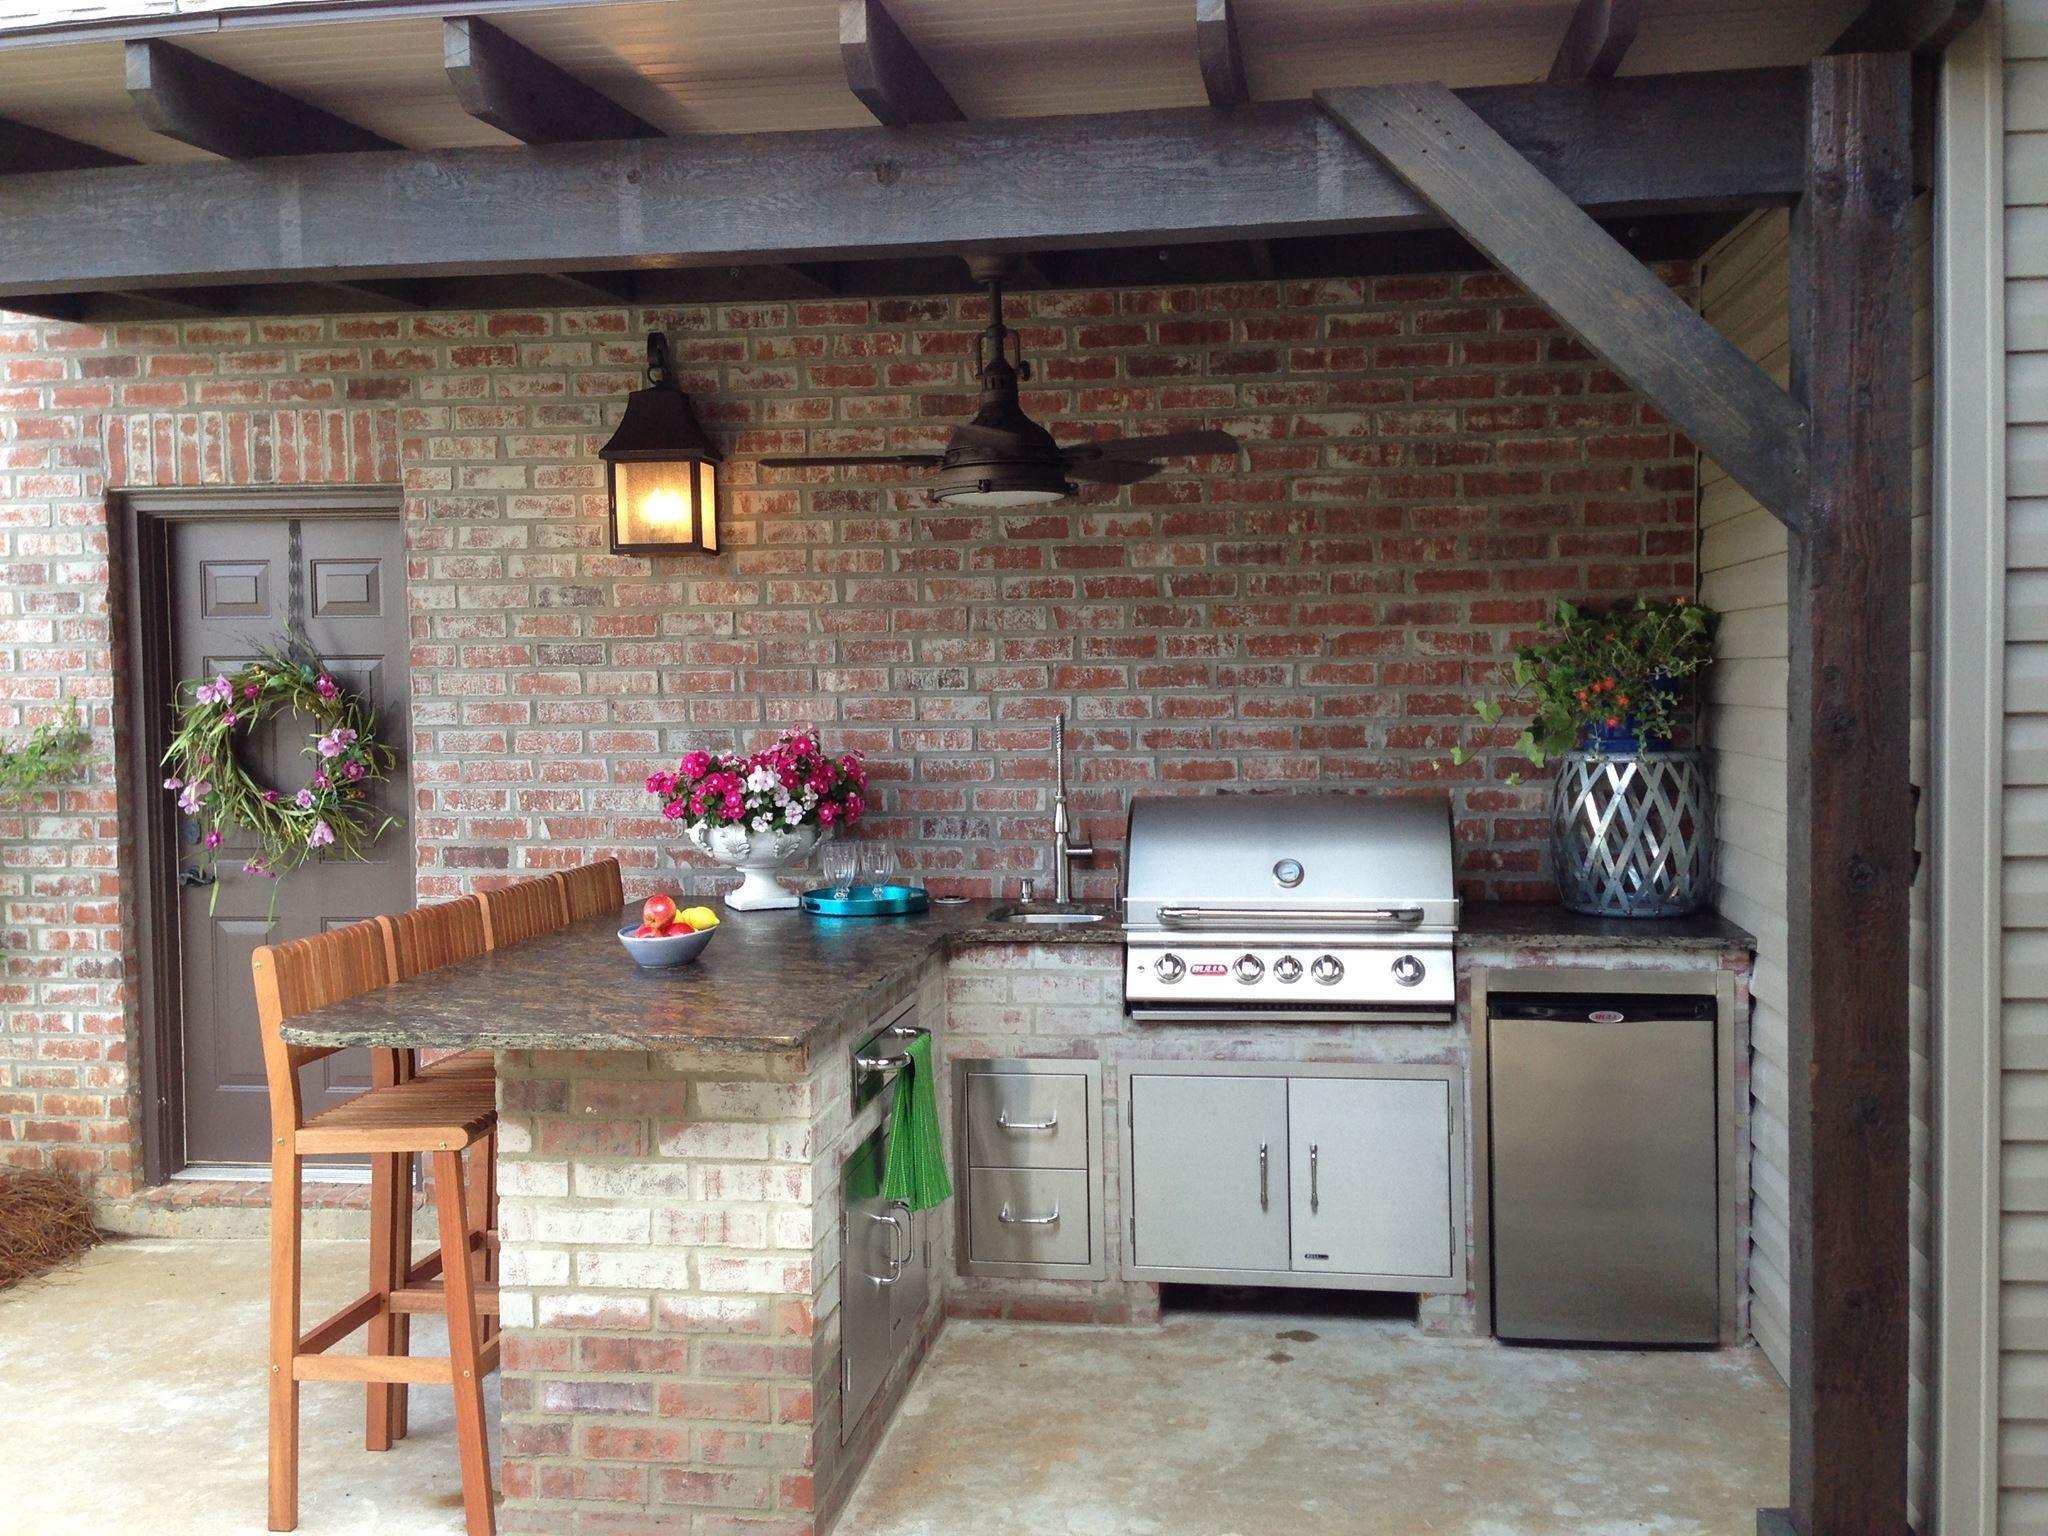 Outdoor Kitchen Patio on Pinterest